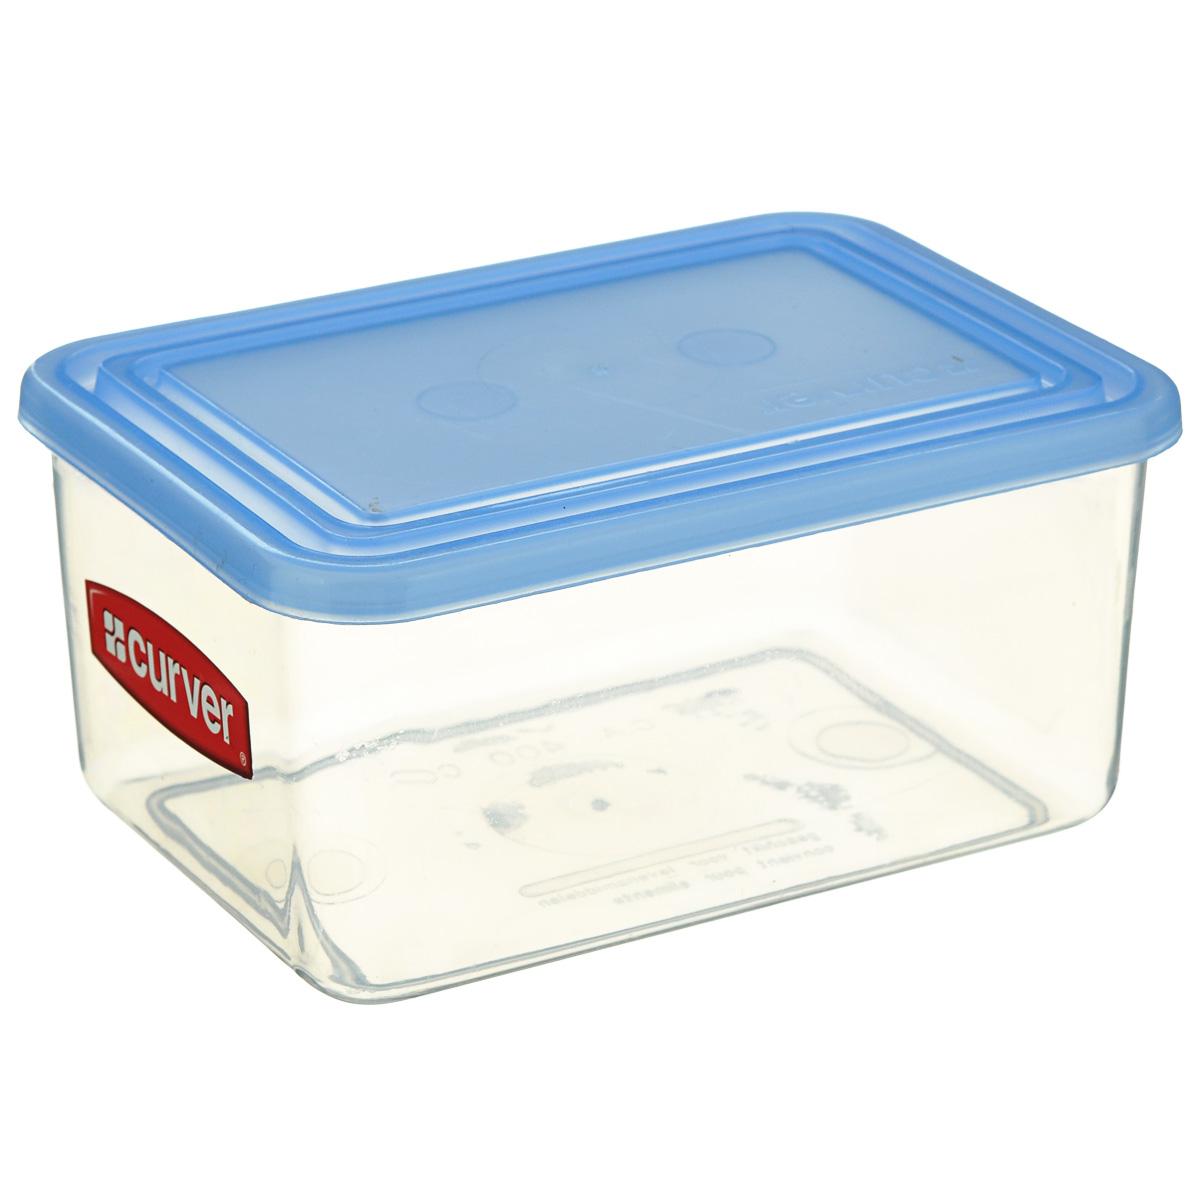 Емкость для заморозки и СВЧ Curver, цвет: голубой, 4 л03875-084-66Емкость для заморозки и СВЧ Curver изготовлена из высококачественного пищевого пластика. Стенки емкости прозрачные, а крышка цветная. Она плотно закрывается, дольше сохраняя продукты свежими. Емкость удобно брать с собой на пикник, отдых на природе и дачу, а также использовать для хранения пищи в холодильнике. Можно использовать в микроволновой печи и для заморозки в морозильной камере.